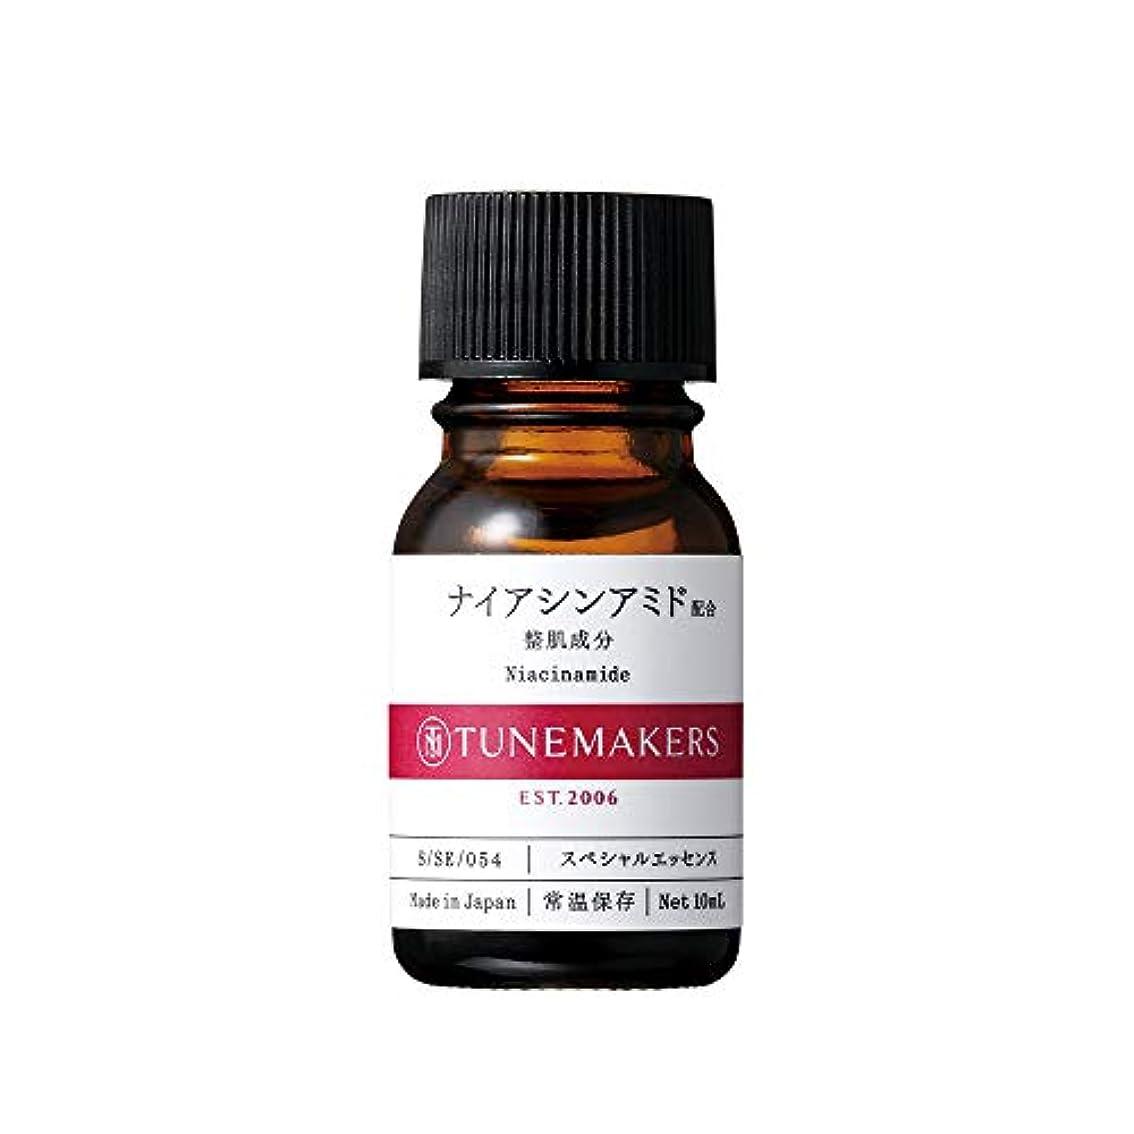 順応性リード分離チューンメーカーズ ナイアシンアミド 10ml 原液美容液 リニューアル商品